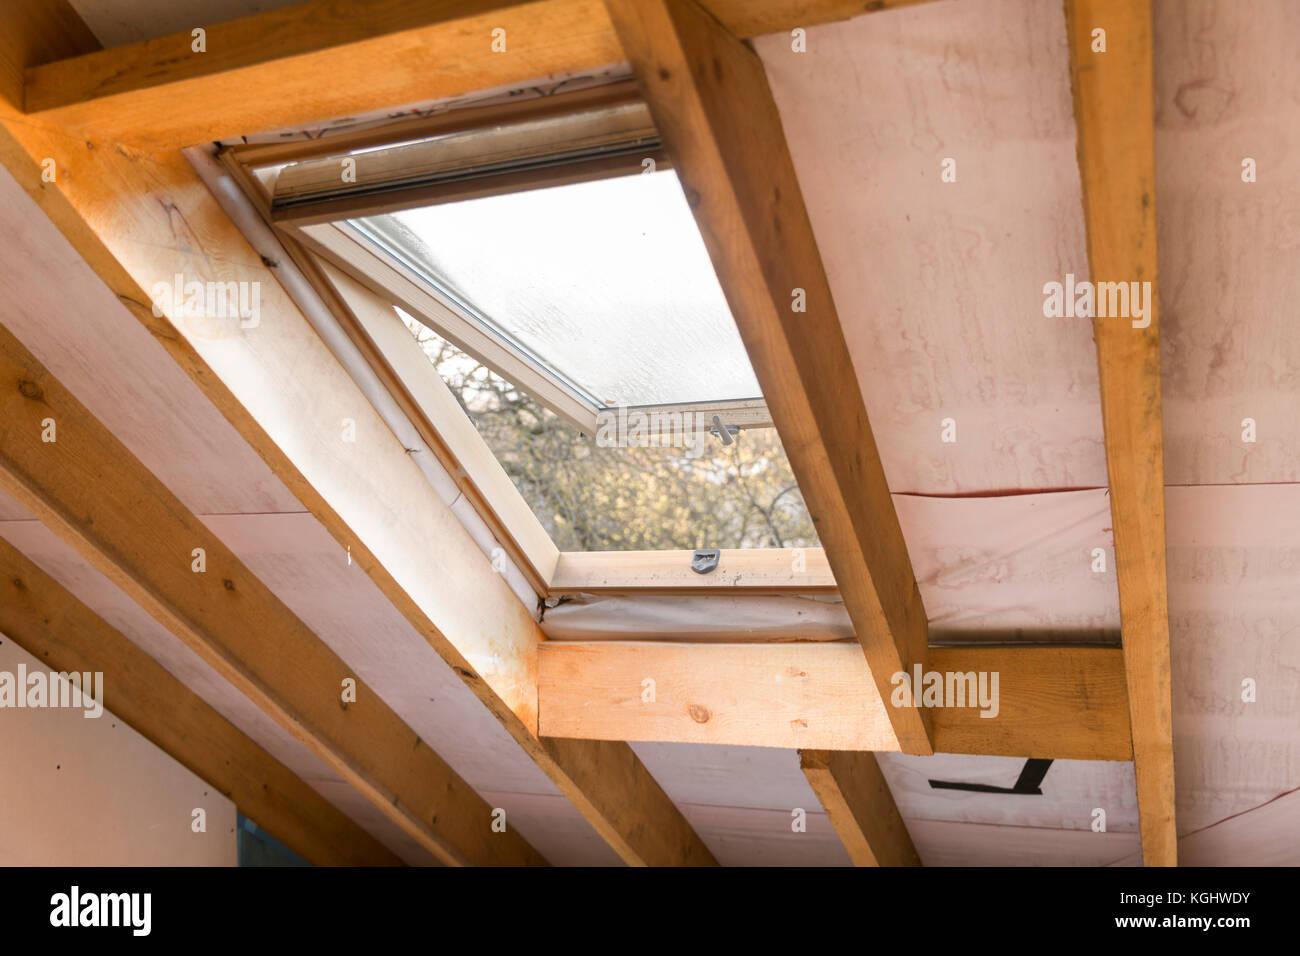 Holz Und Mansarde Oder Dachfenster Auf Dachboden Dachgeschoss